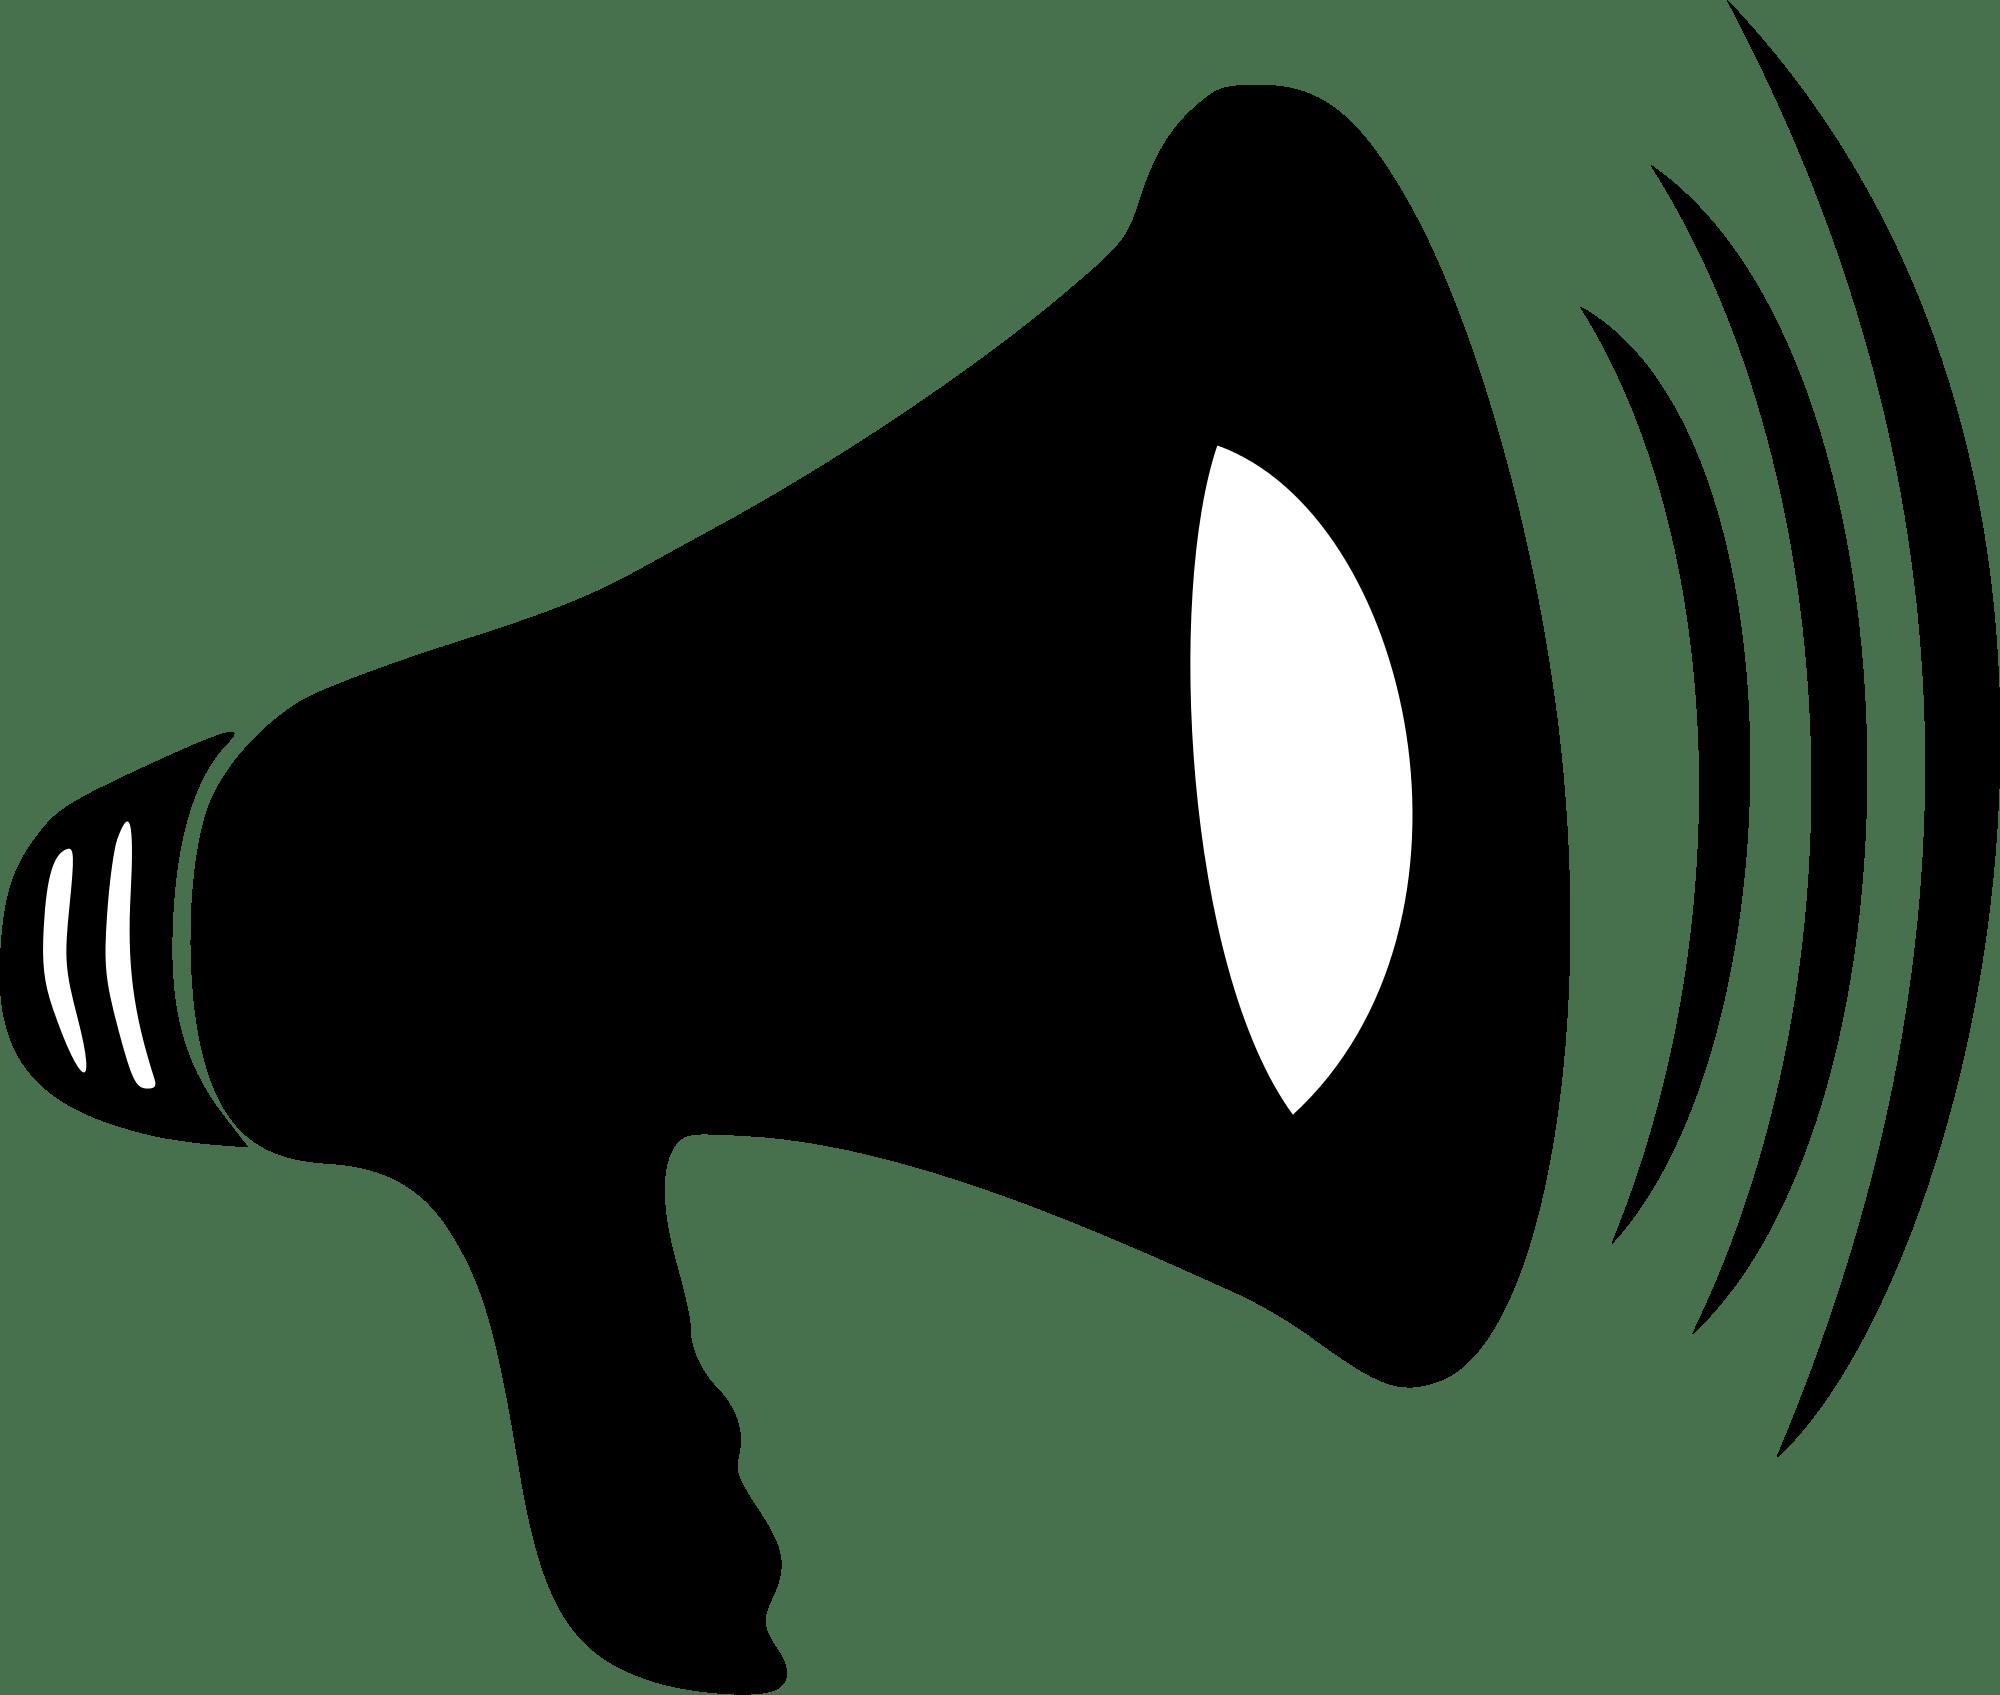 black megaphone clipart transparent png stickpng rh stickpng com green megaphone clipart cheerleader megaphone clipart